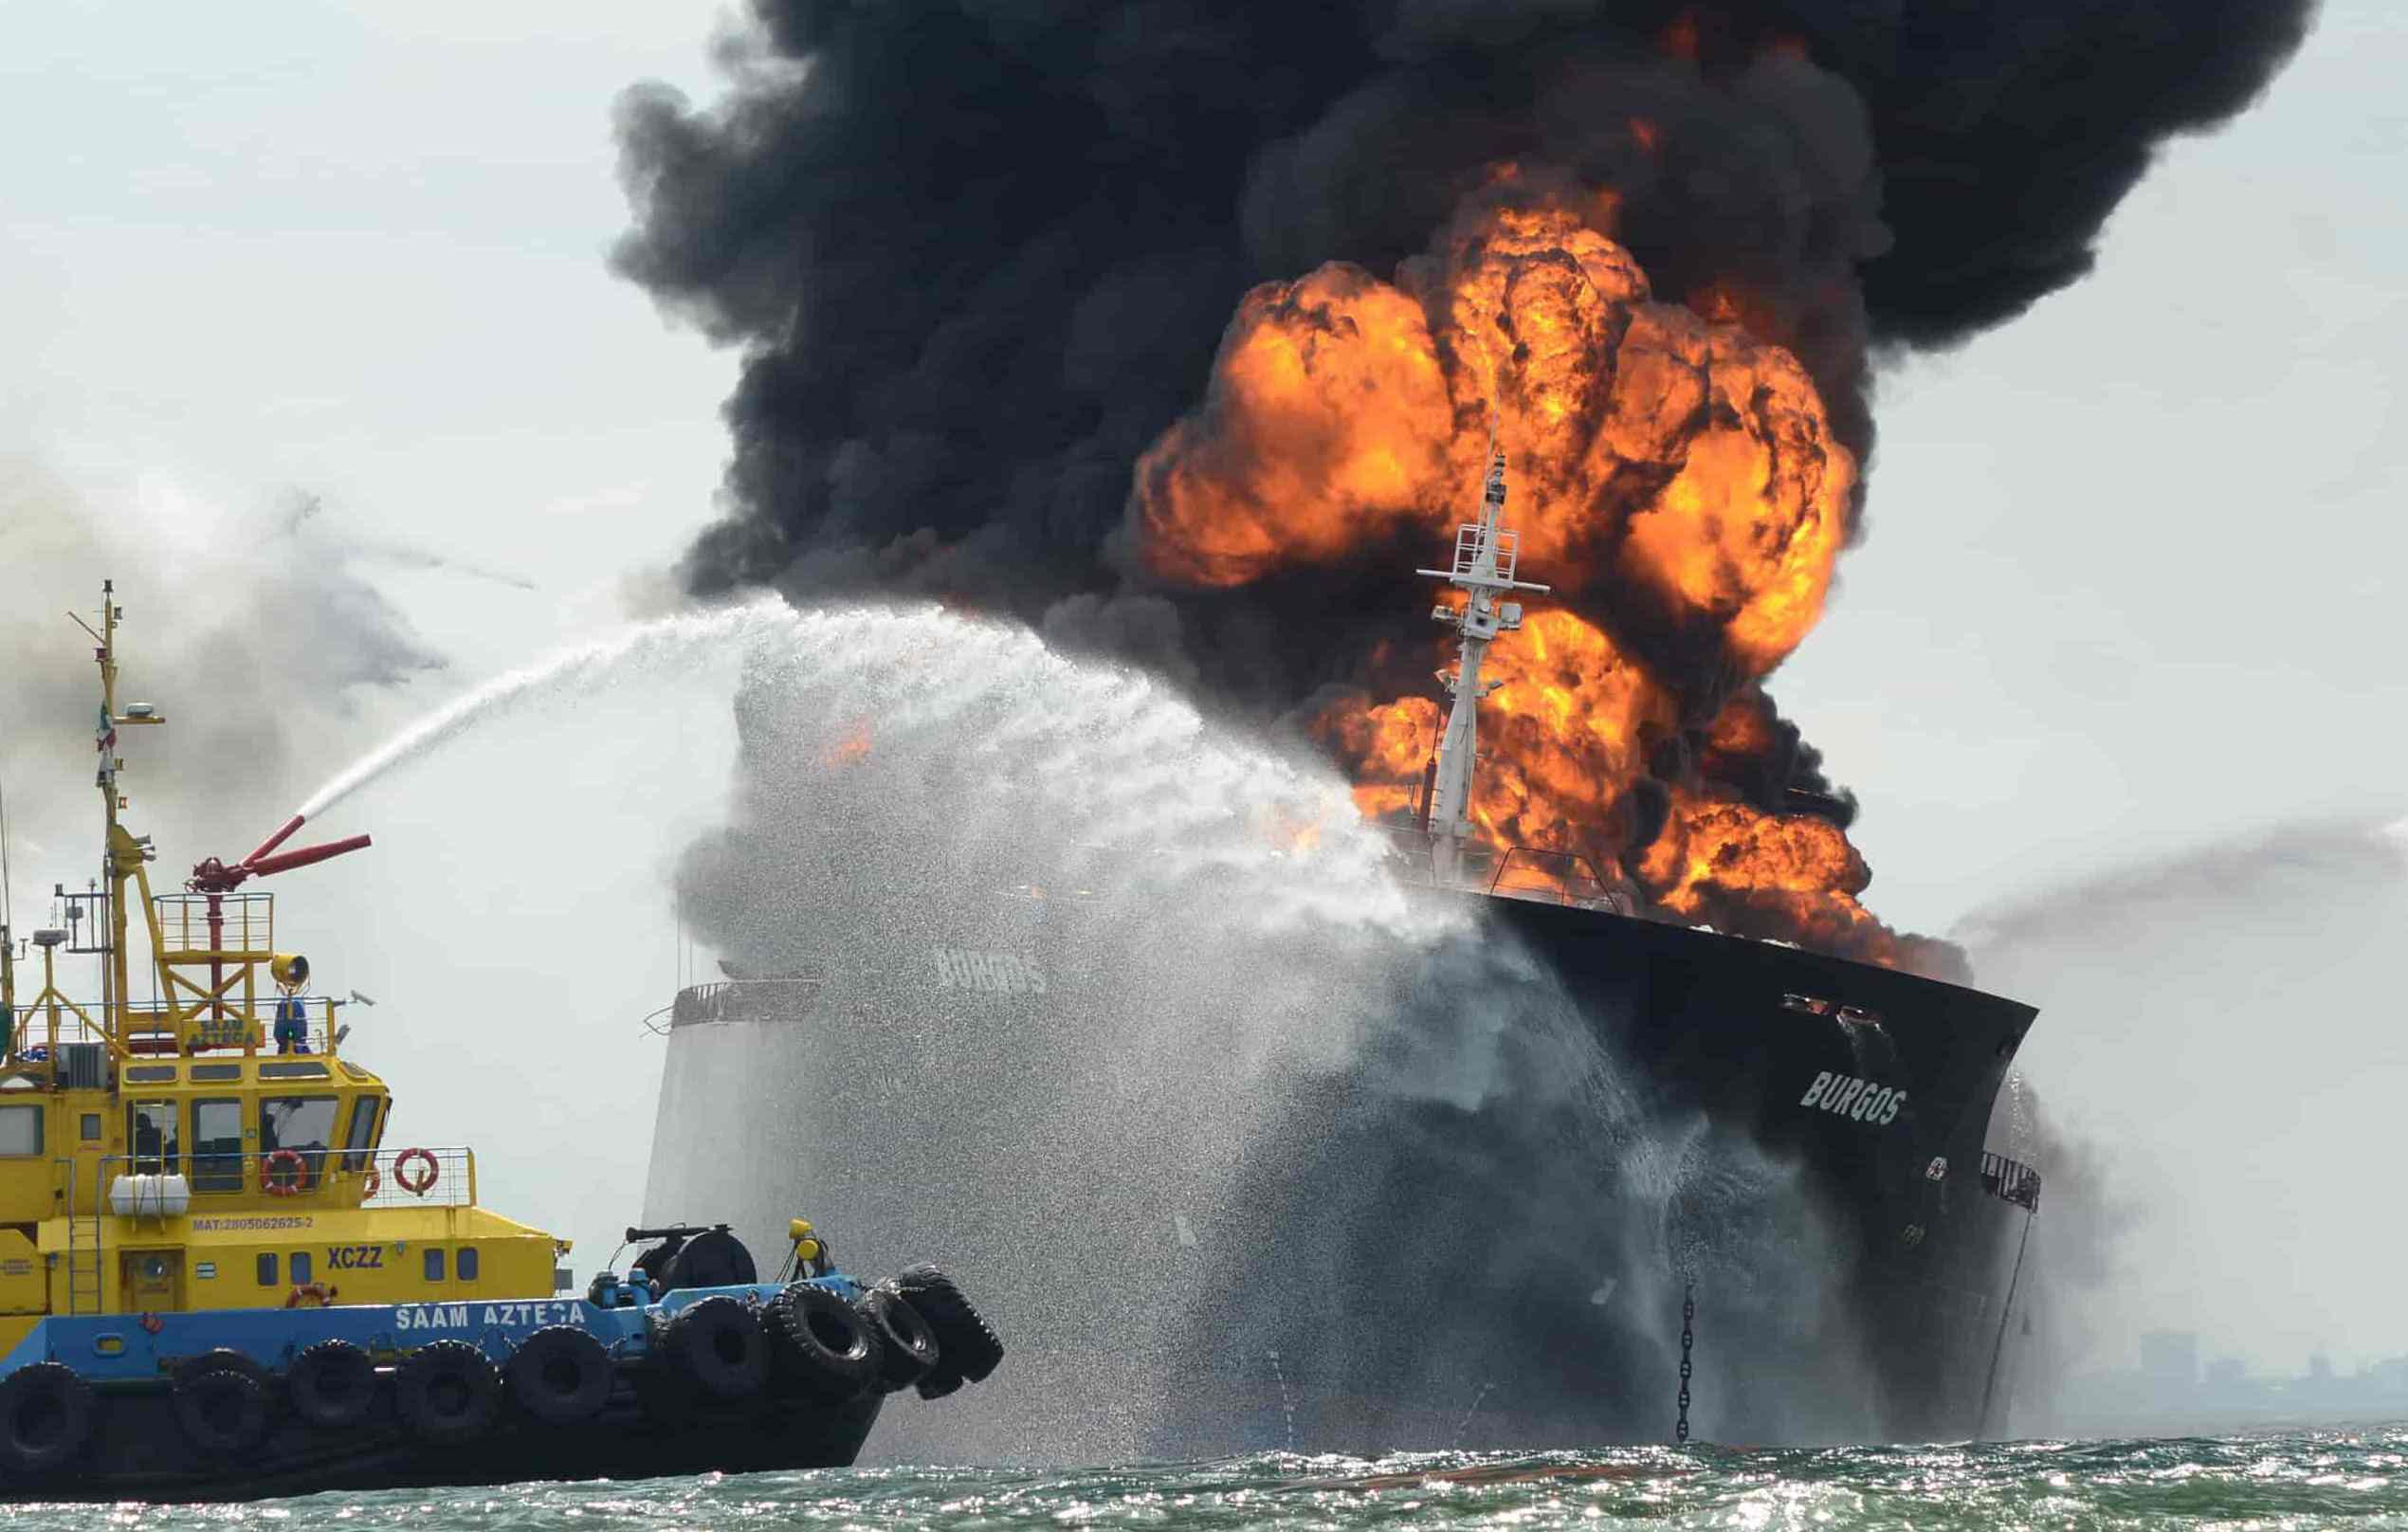 El hecho ocurrio en una localidad surcoreana cuando el barco estaba siendo armado en un astillero